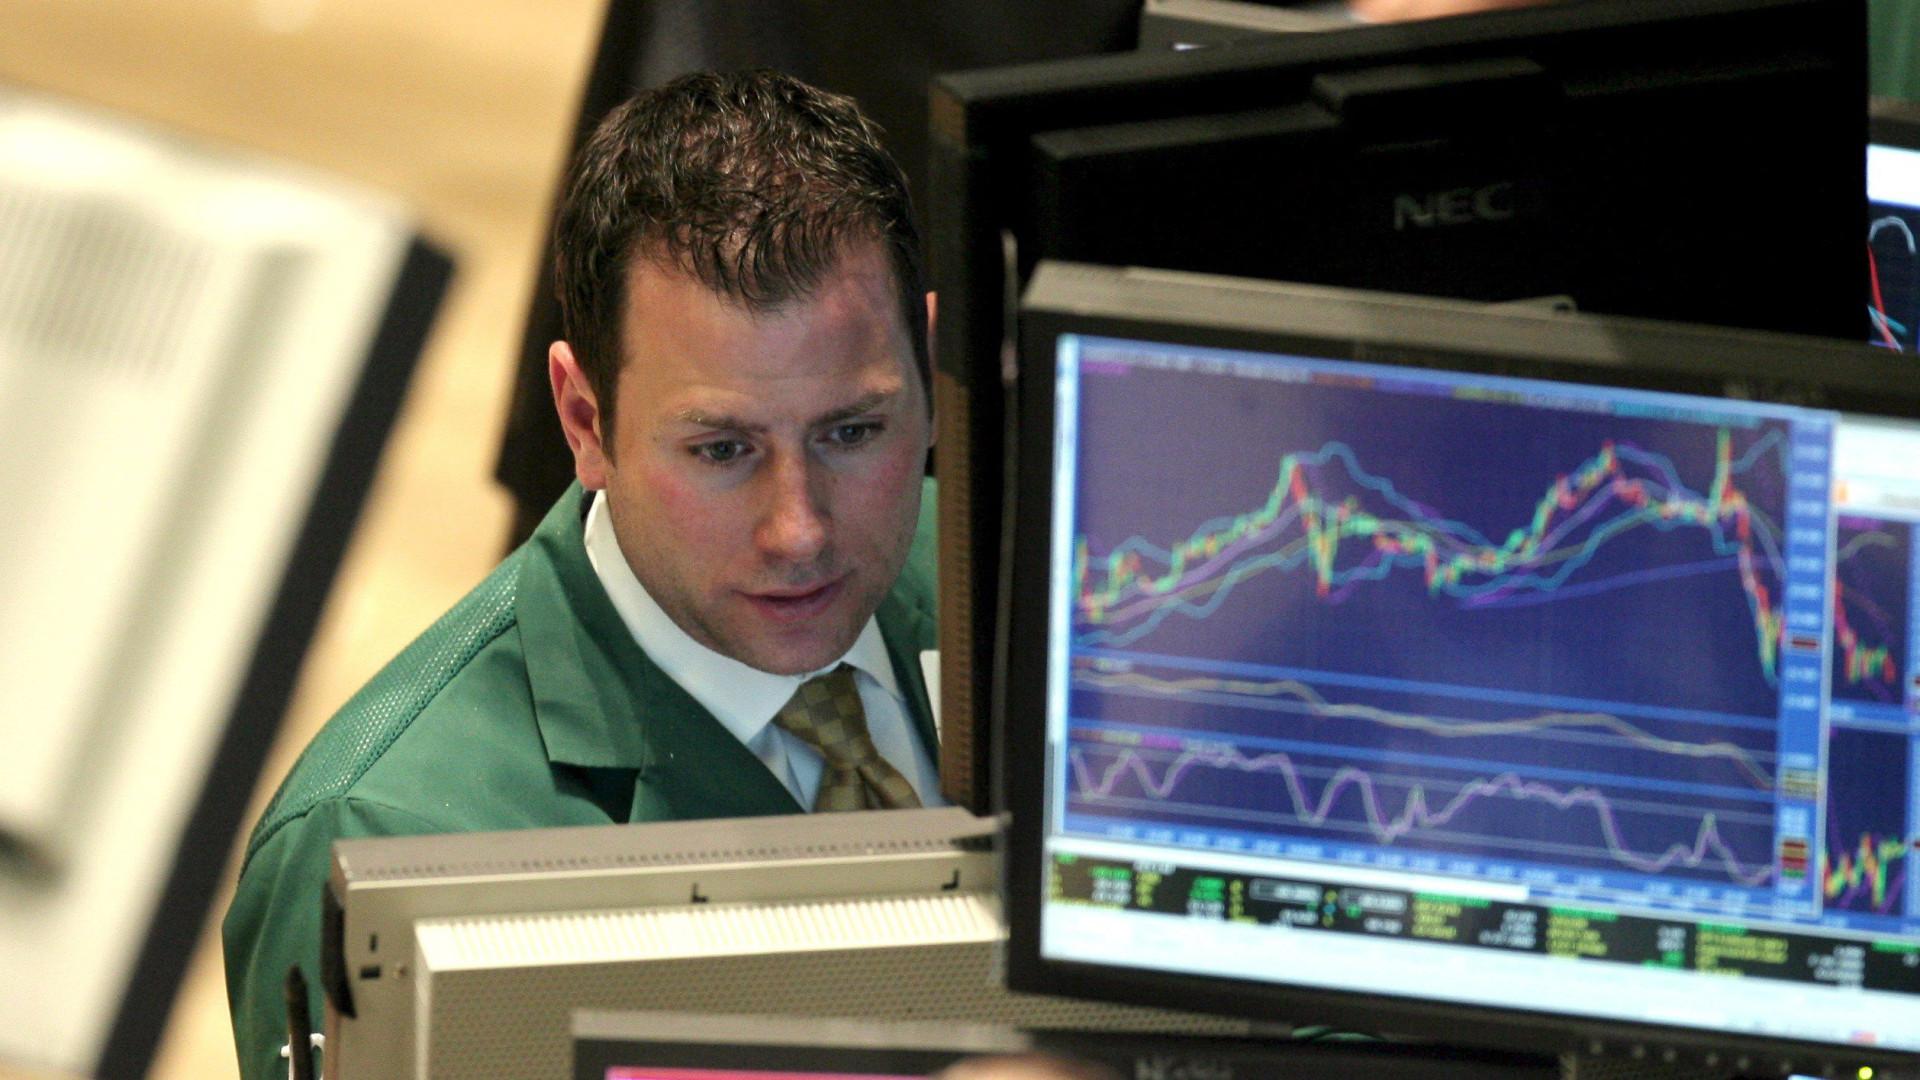 PSI20 sobe 0,80% e acompanha ganhos das bolsas europeias